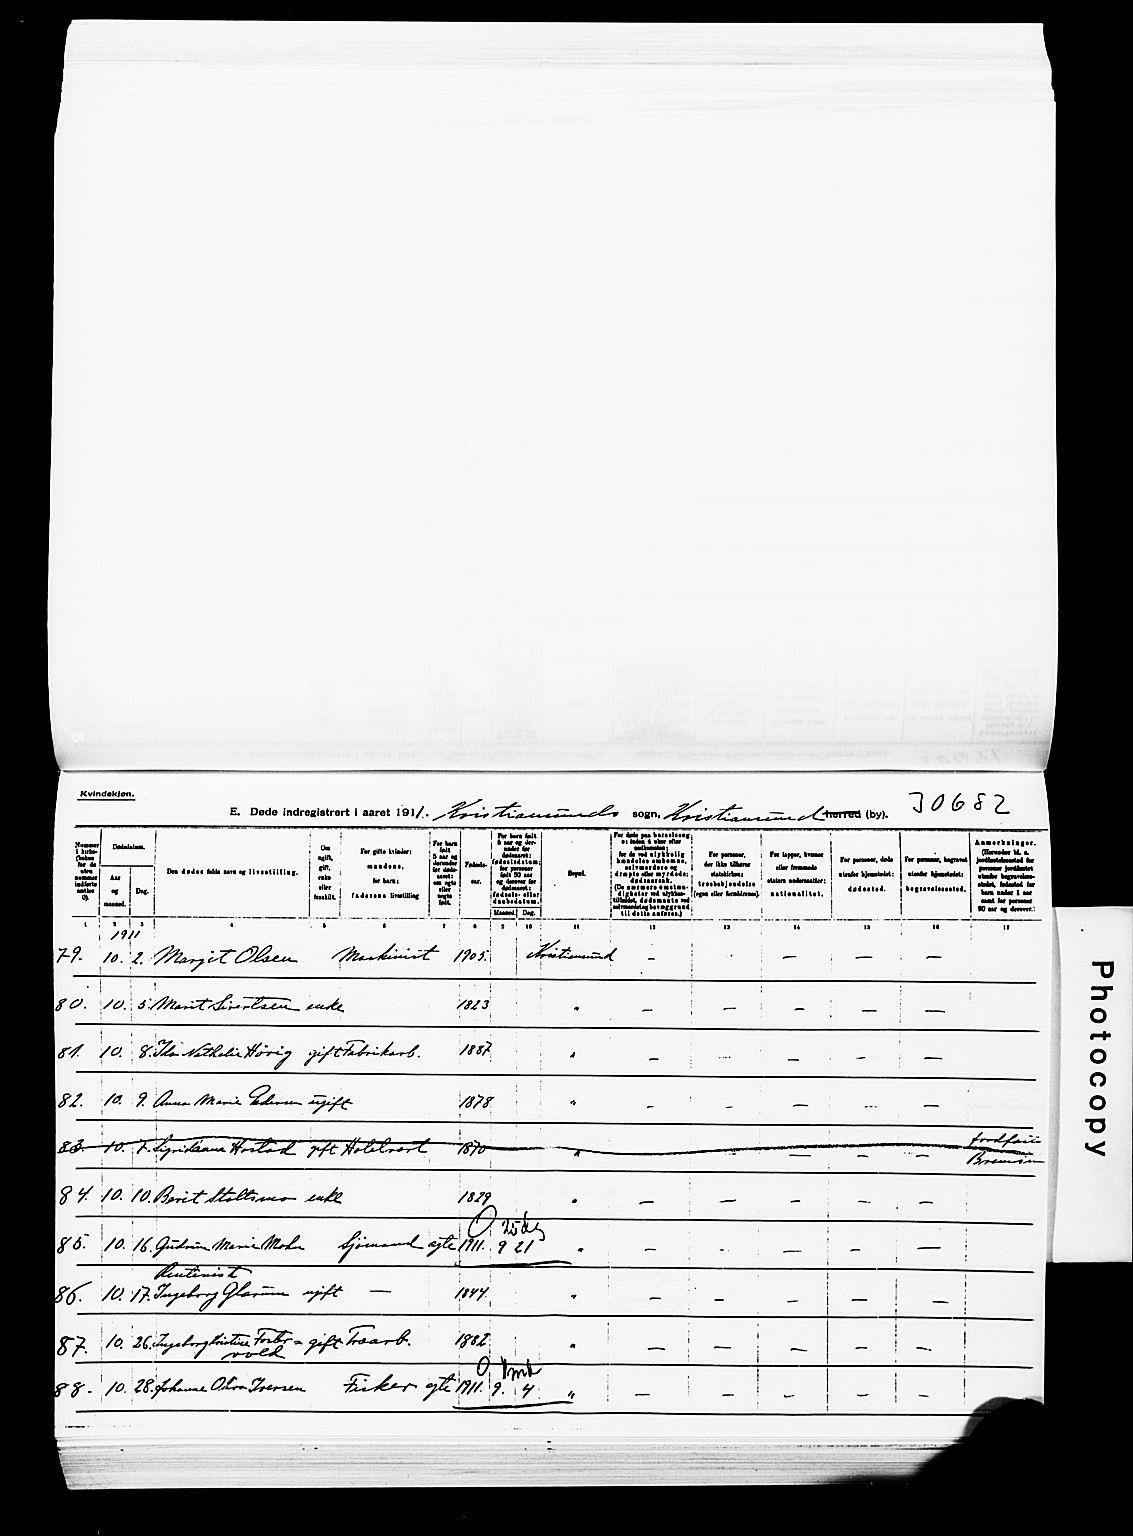 SAT, Ministerialprotokoller, klokkerbøker og fødselsregistre - Møre og Romsdal, 572/L0860: Ministerialbok nr. 572D04, 1903-1916